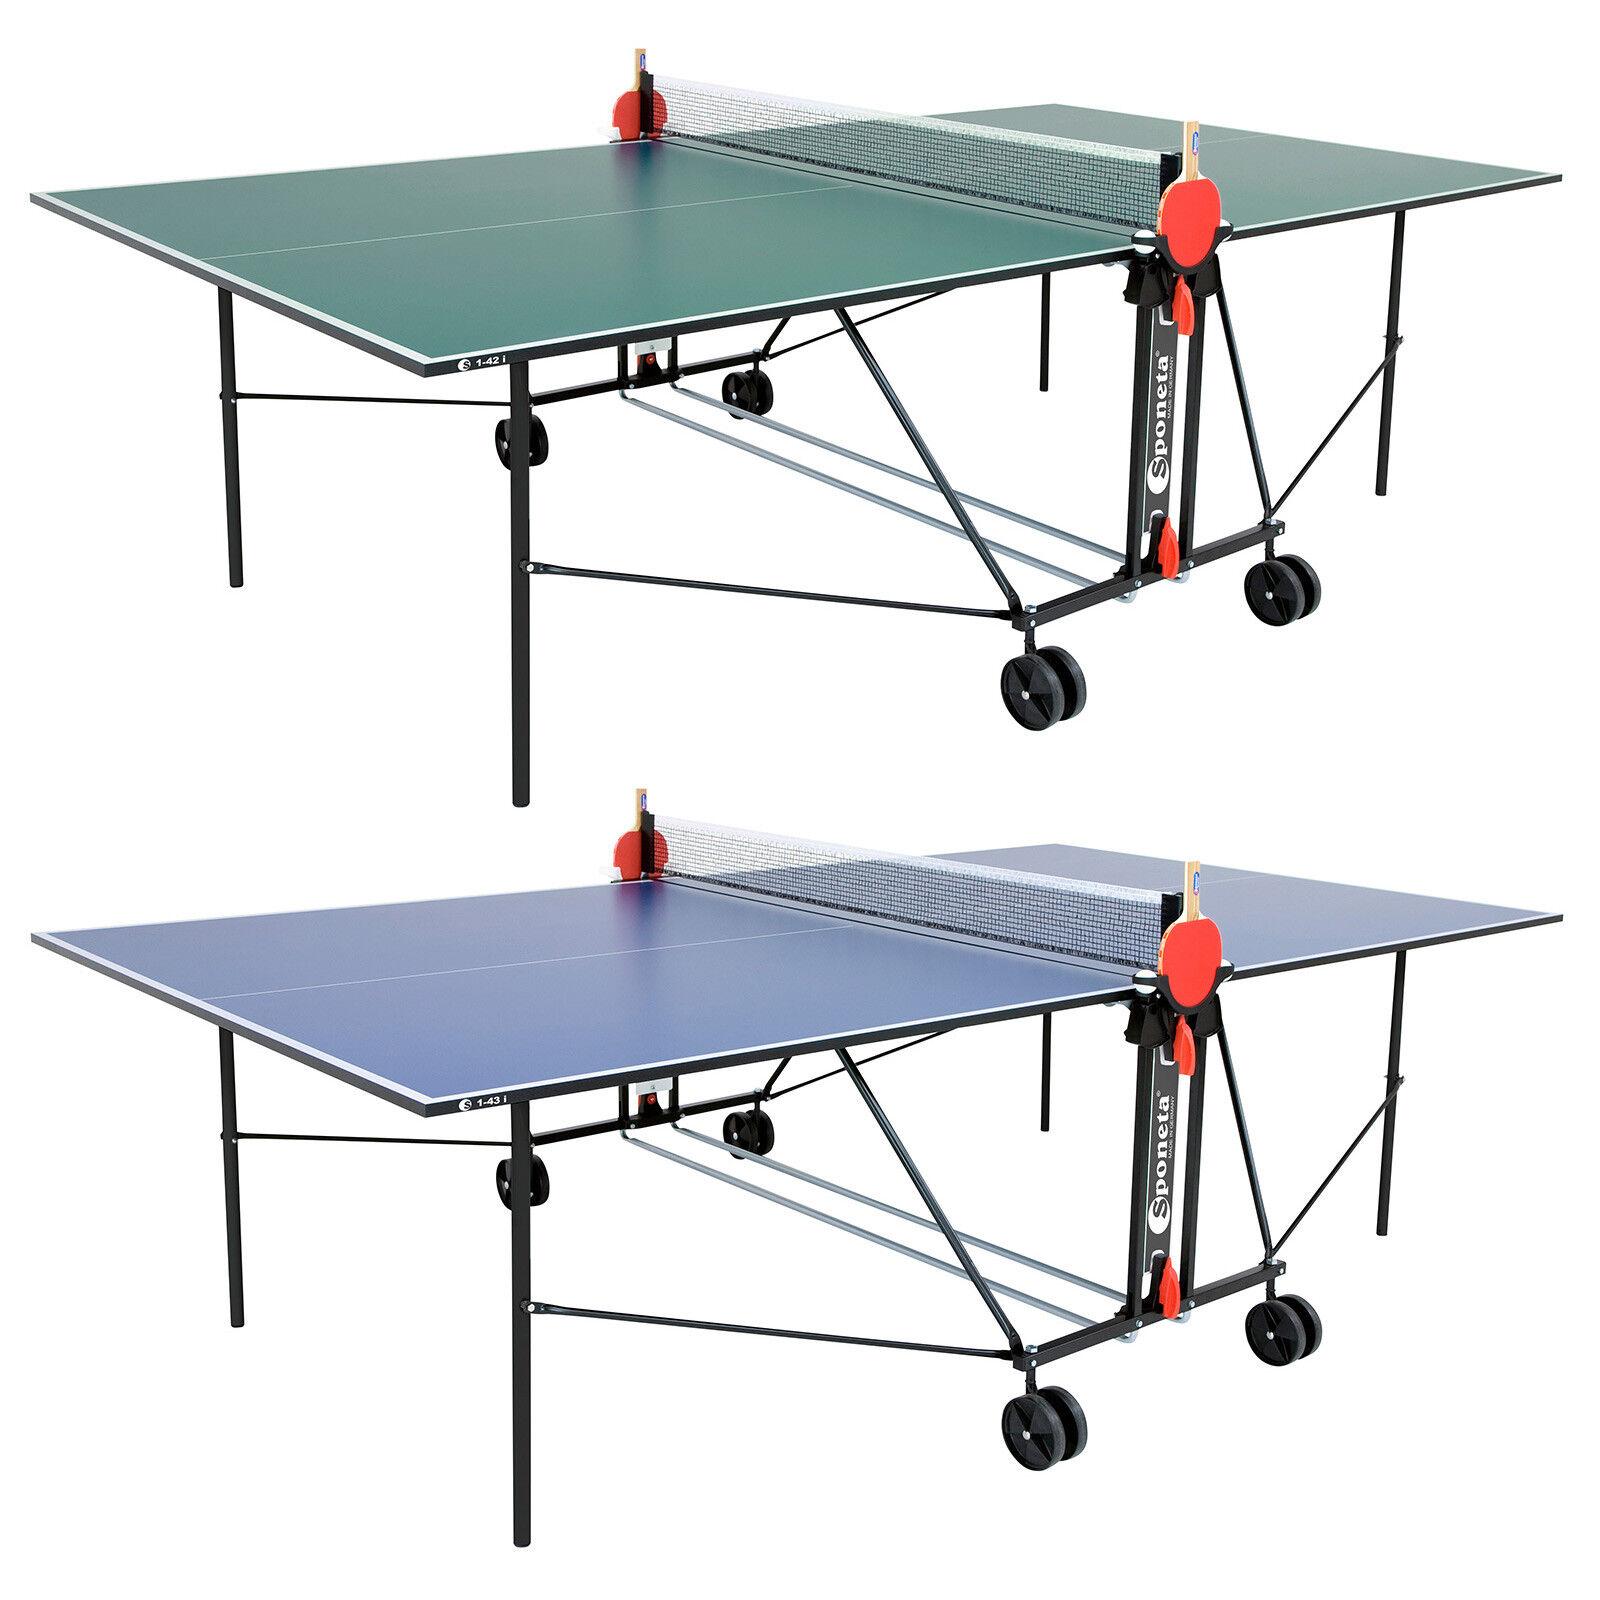 Sponeta S1-42i S1-43i - Tischtennisplatte Indoor  | Clever und praktisch  | New Style  | Qualität und Quantität garantiert